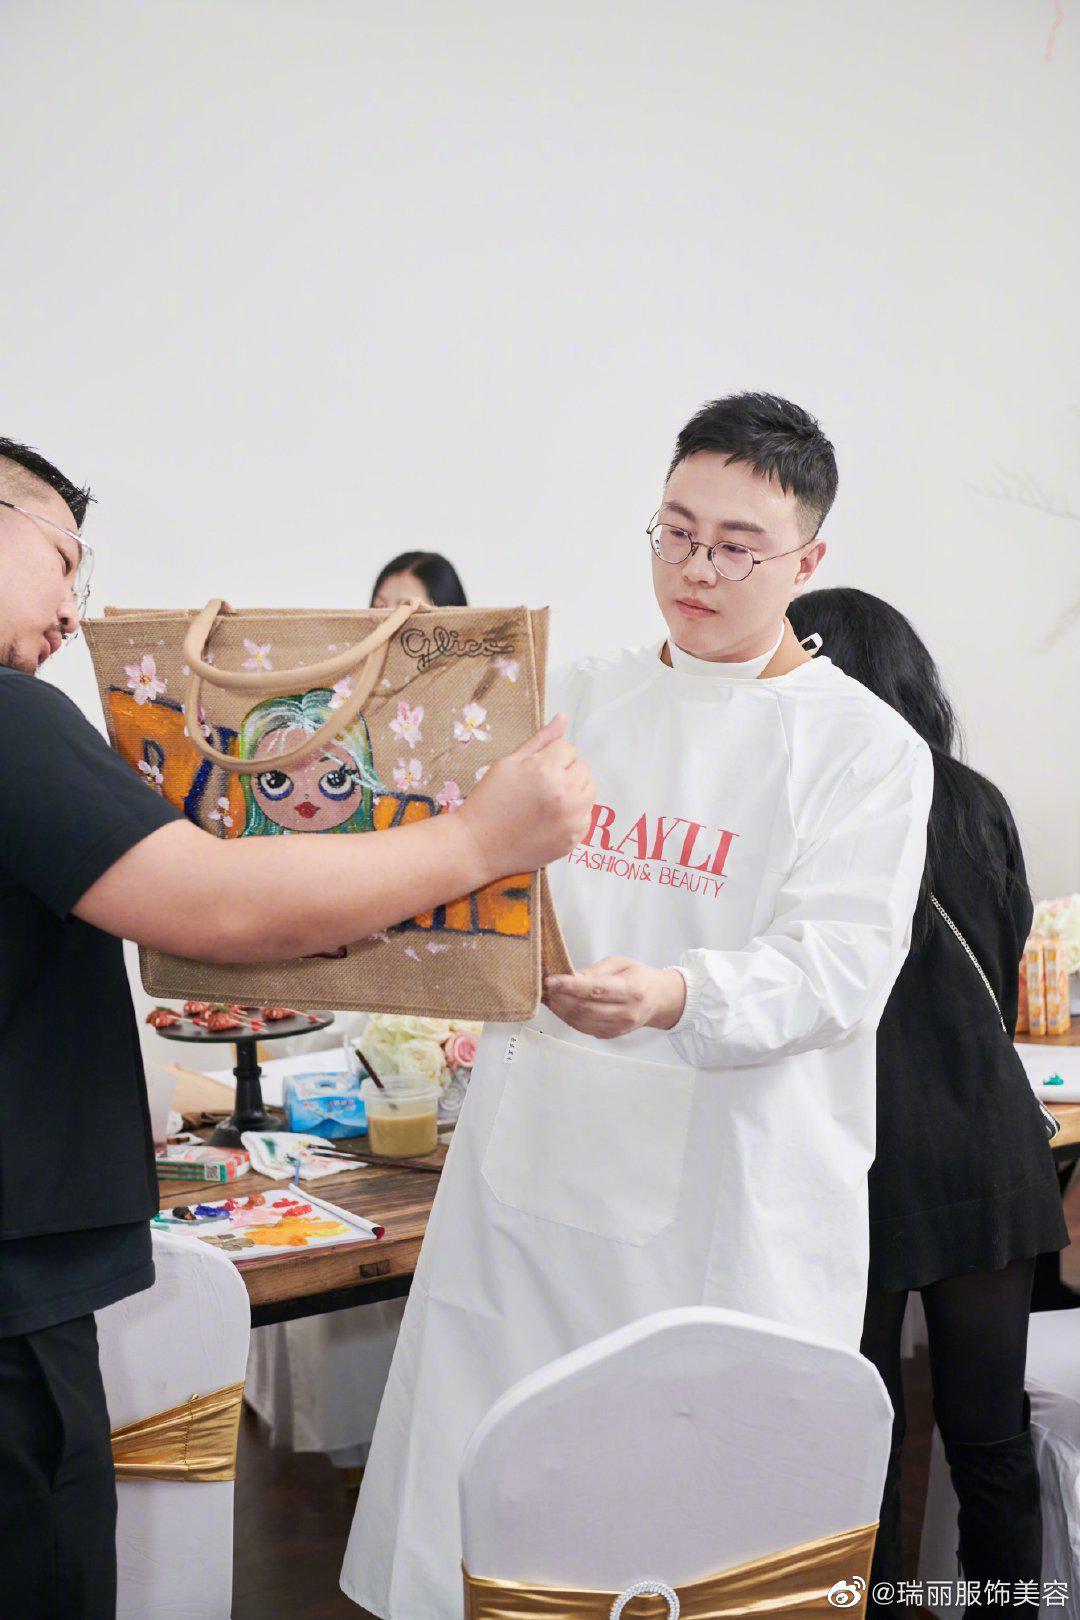 中国国际大学生时装周专属